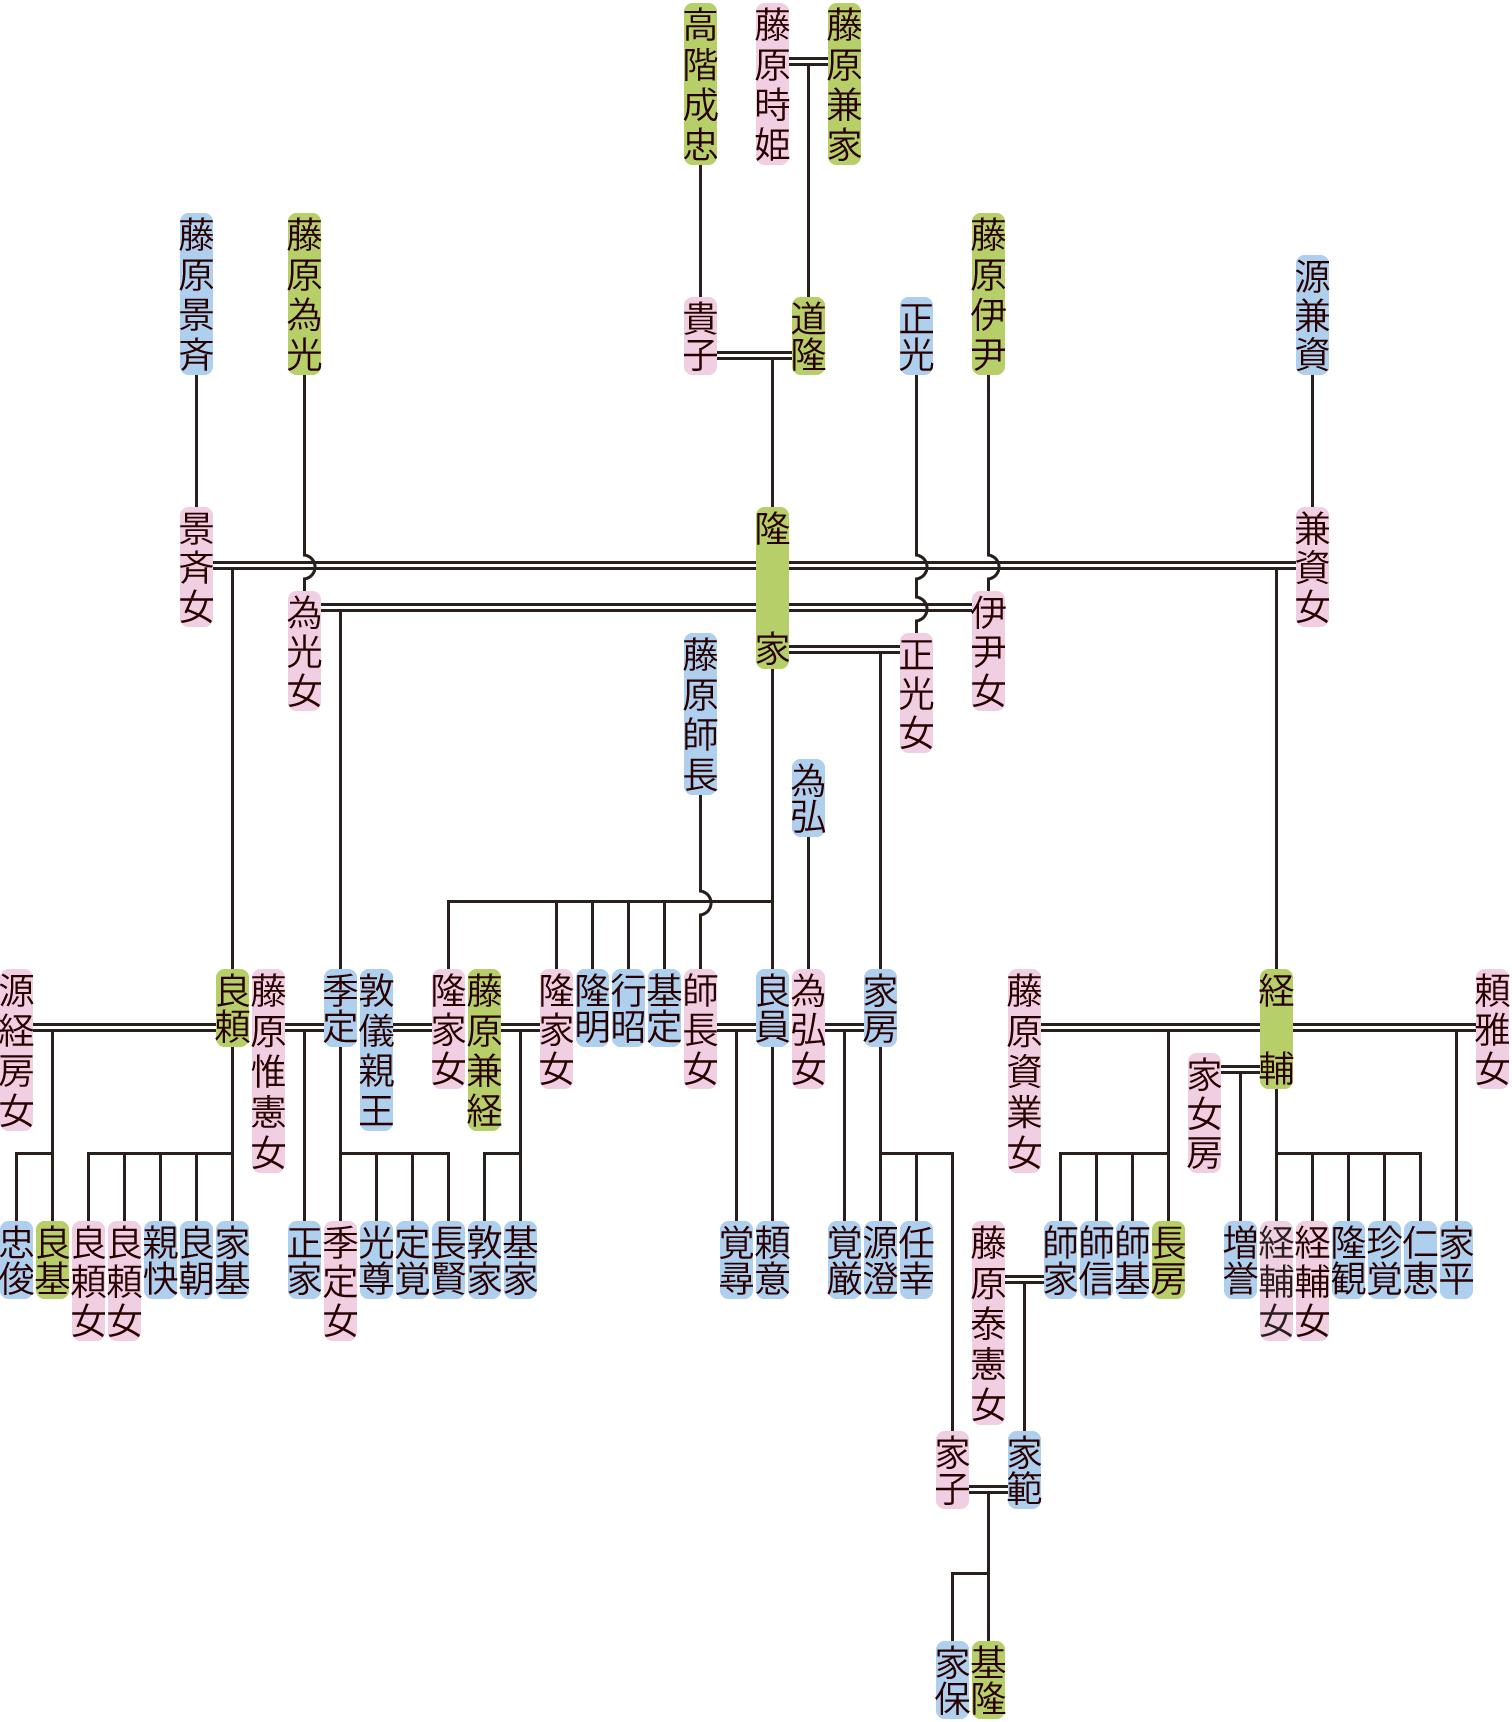 藤原隆家の系図